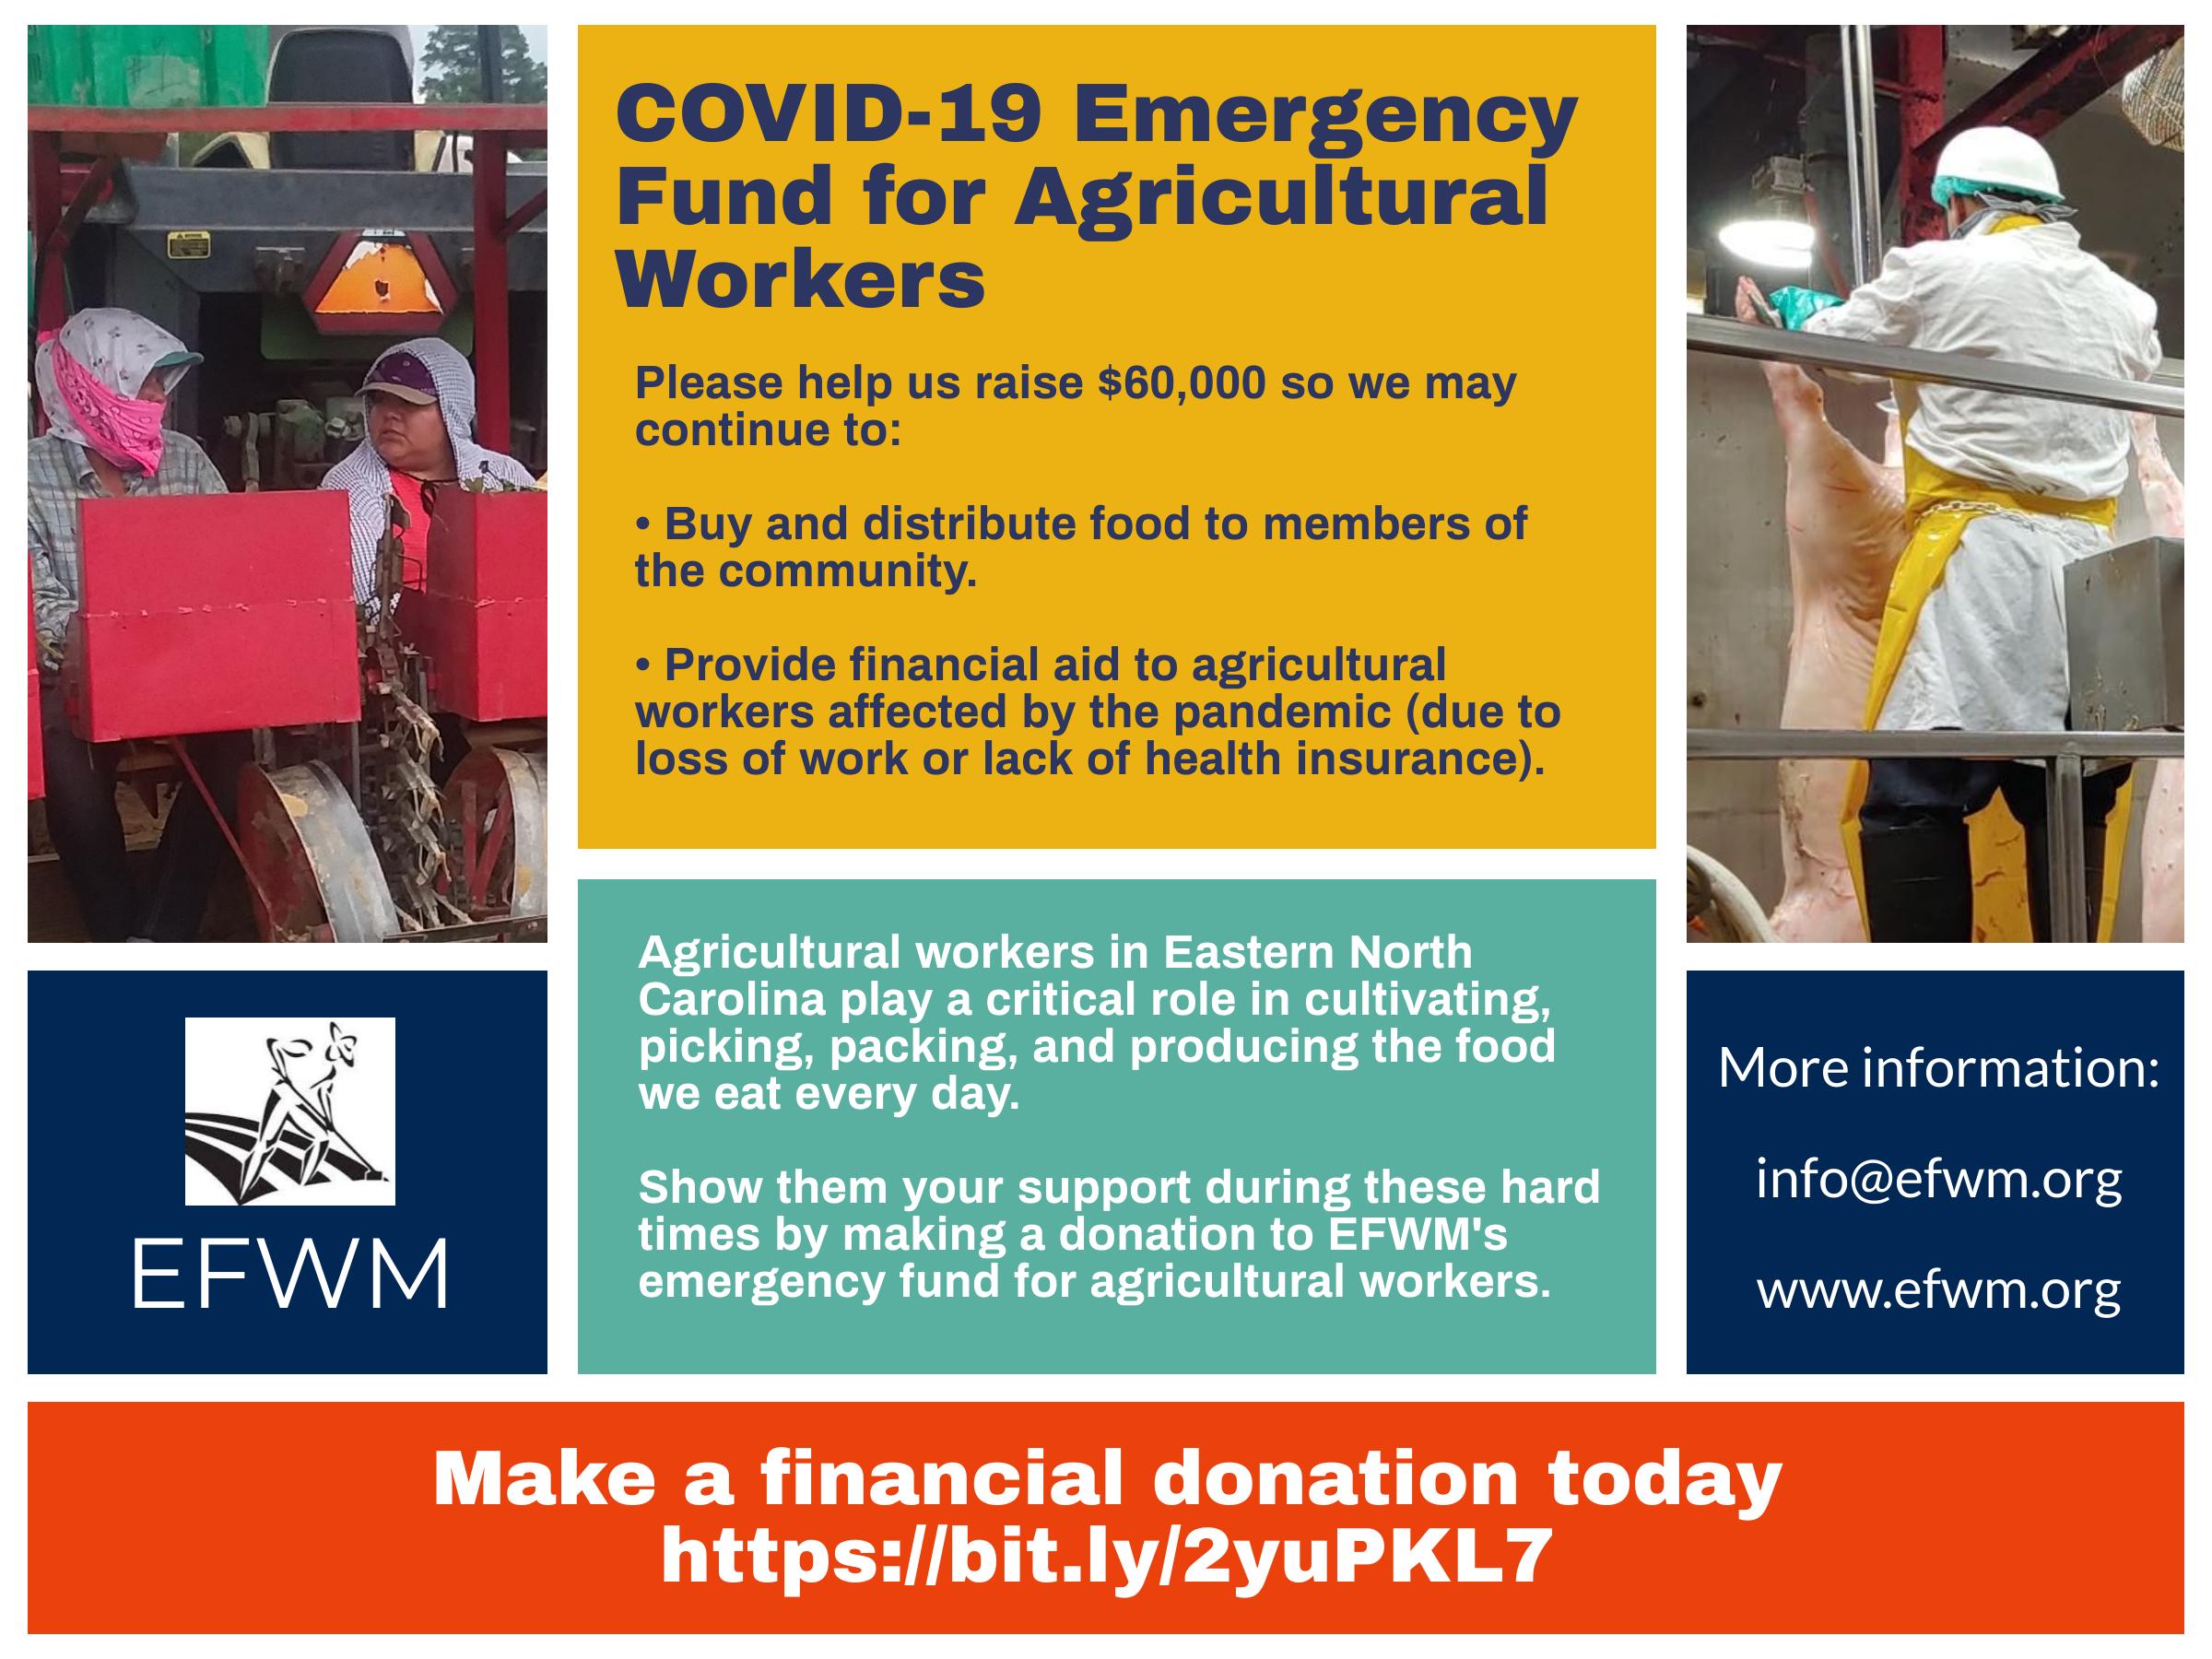 emergencyfund2-2_461